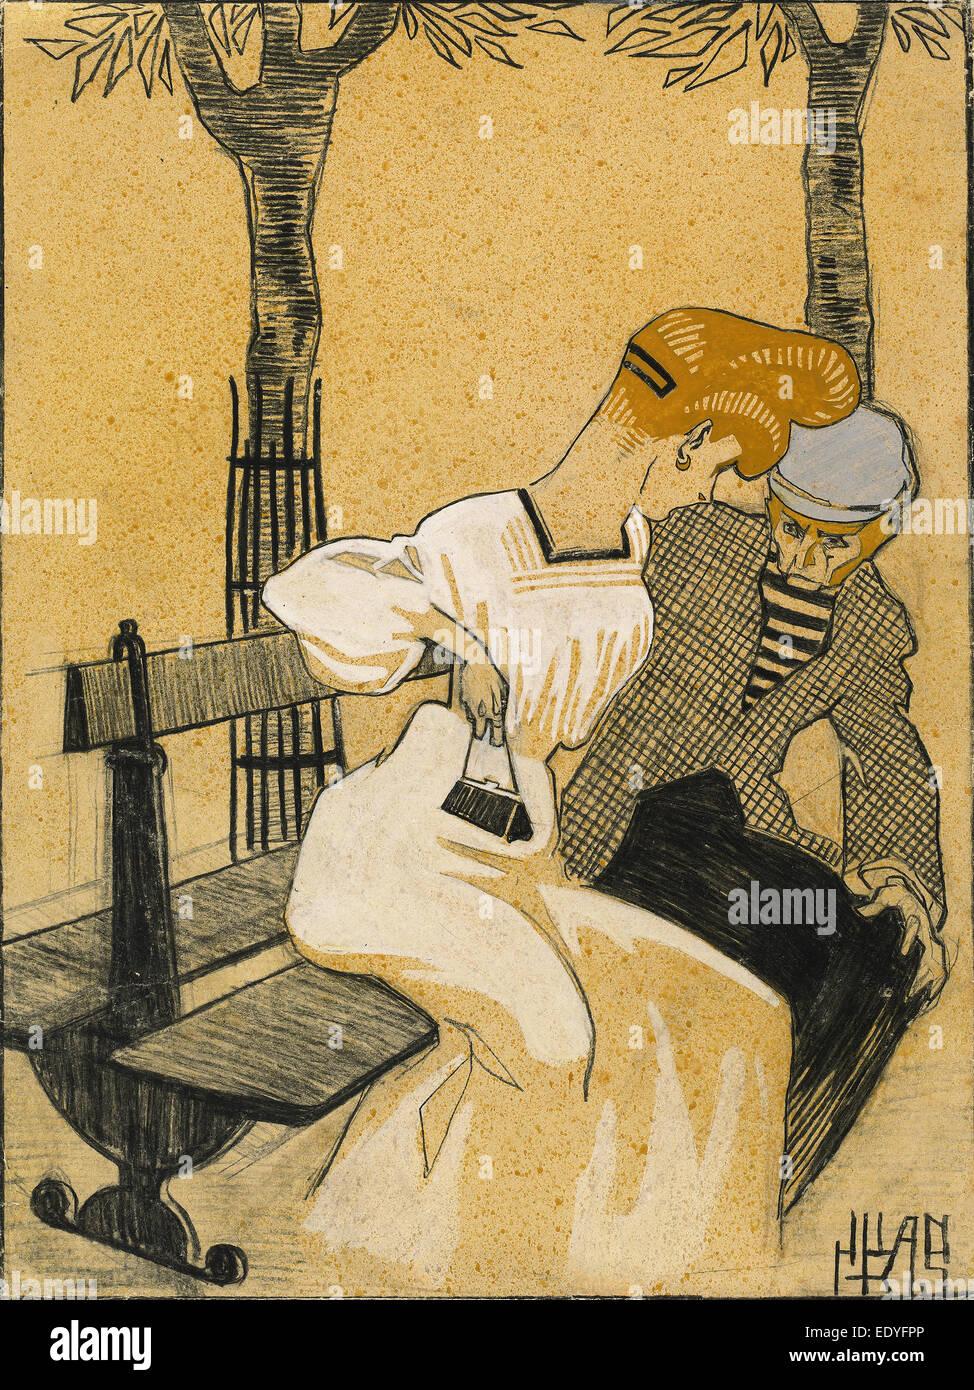 Juan Gris, el hombre y la mujer en un banco, Español, 1887- 1927, 1908-1909, carbón, aguada y acuarela Imagen De Stock